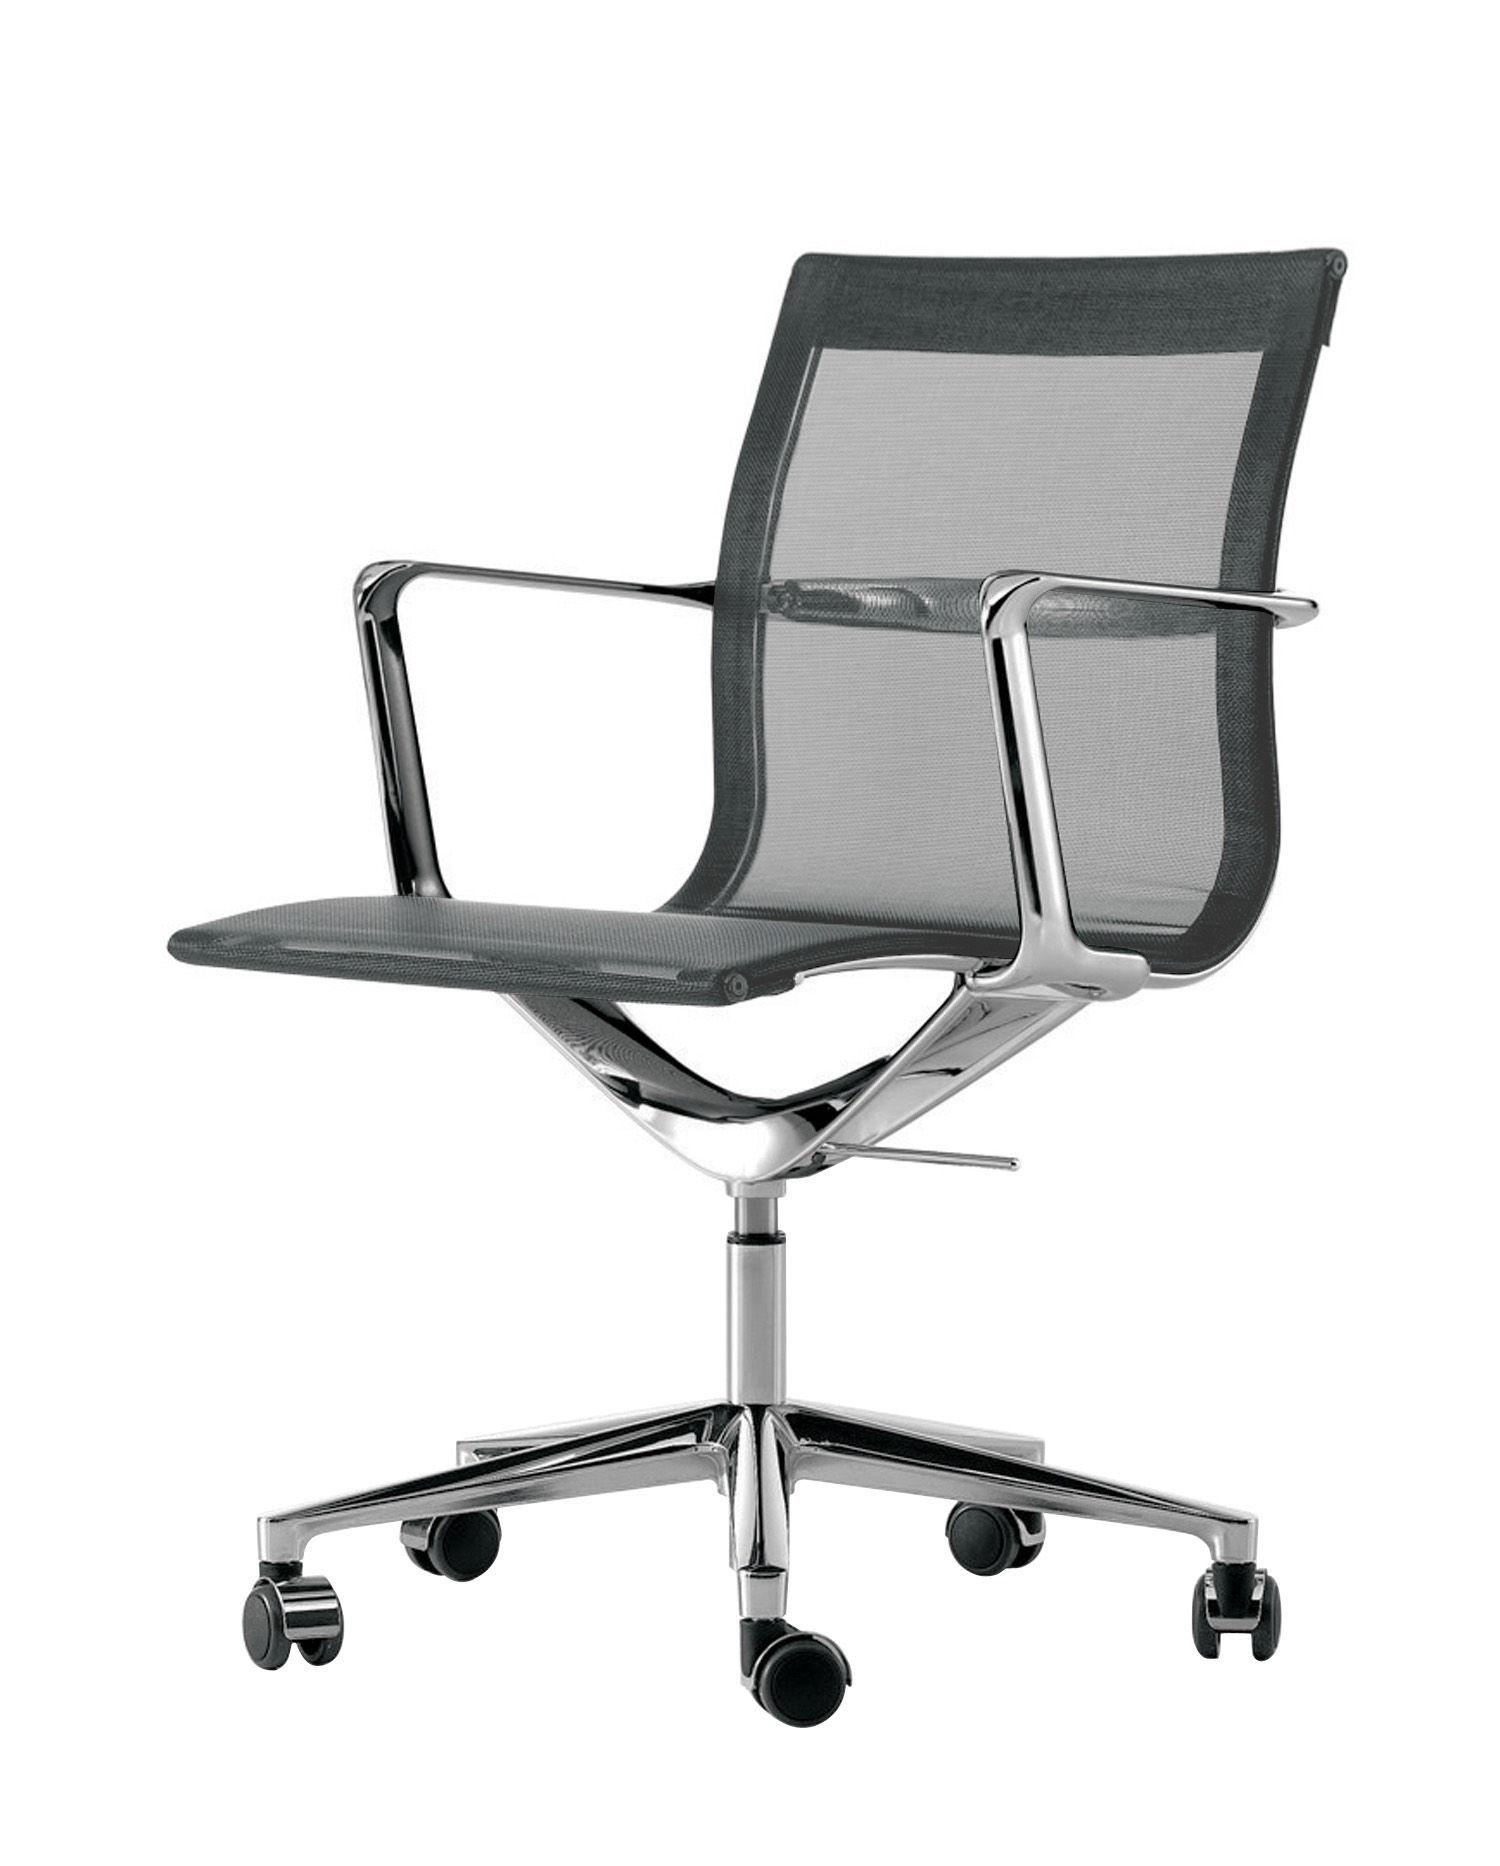 Office Chairs - Chair with castors - Poltrona a rotelle Una chair - girevole - Seduta a rete di ICF - Grafite - Alluminio, Maglia elastica